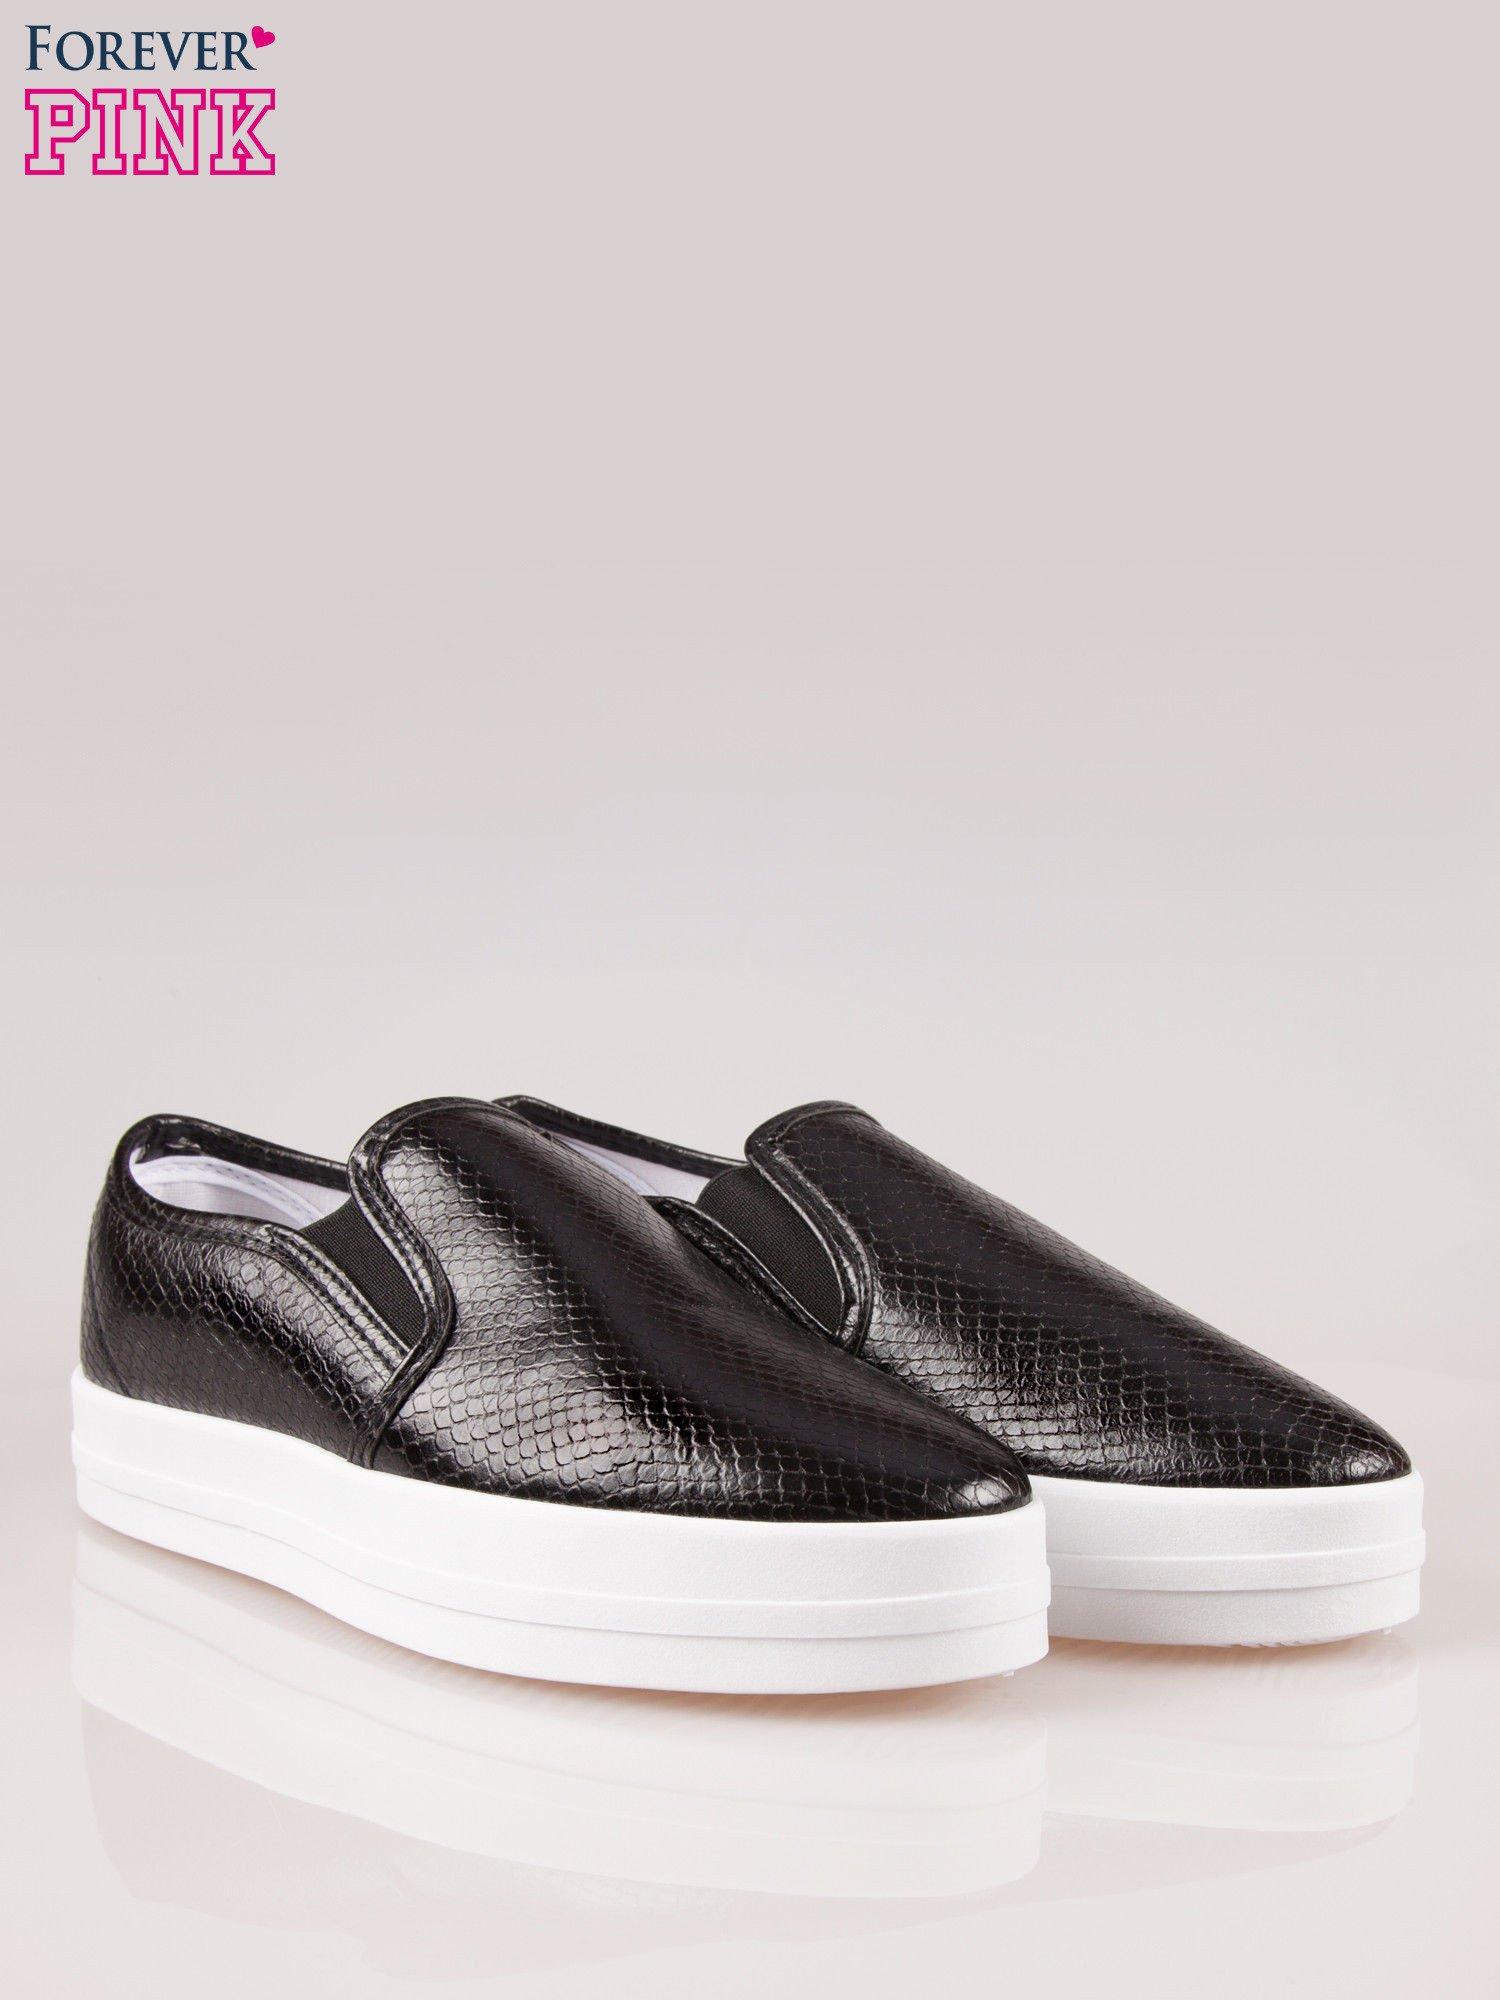 Czarne buty slip on z efektem skóry krokodyla na grubej podeszwie                                  zdj.                                  2